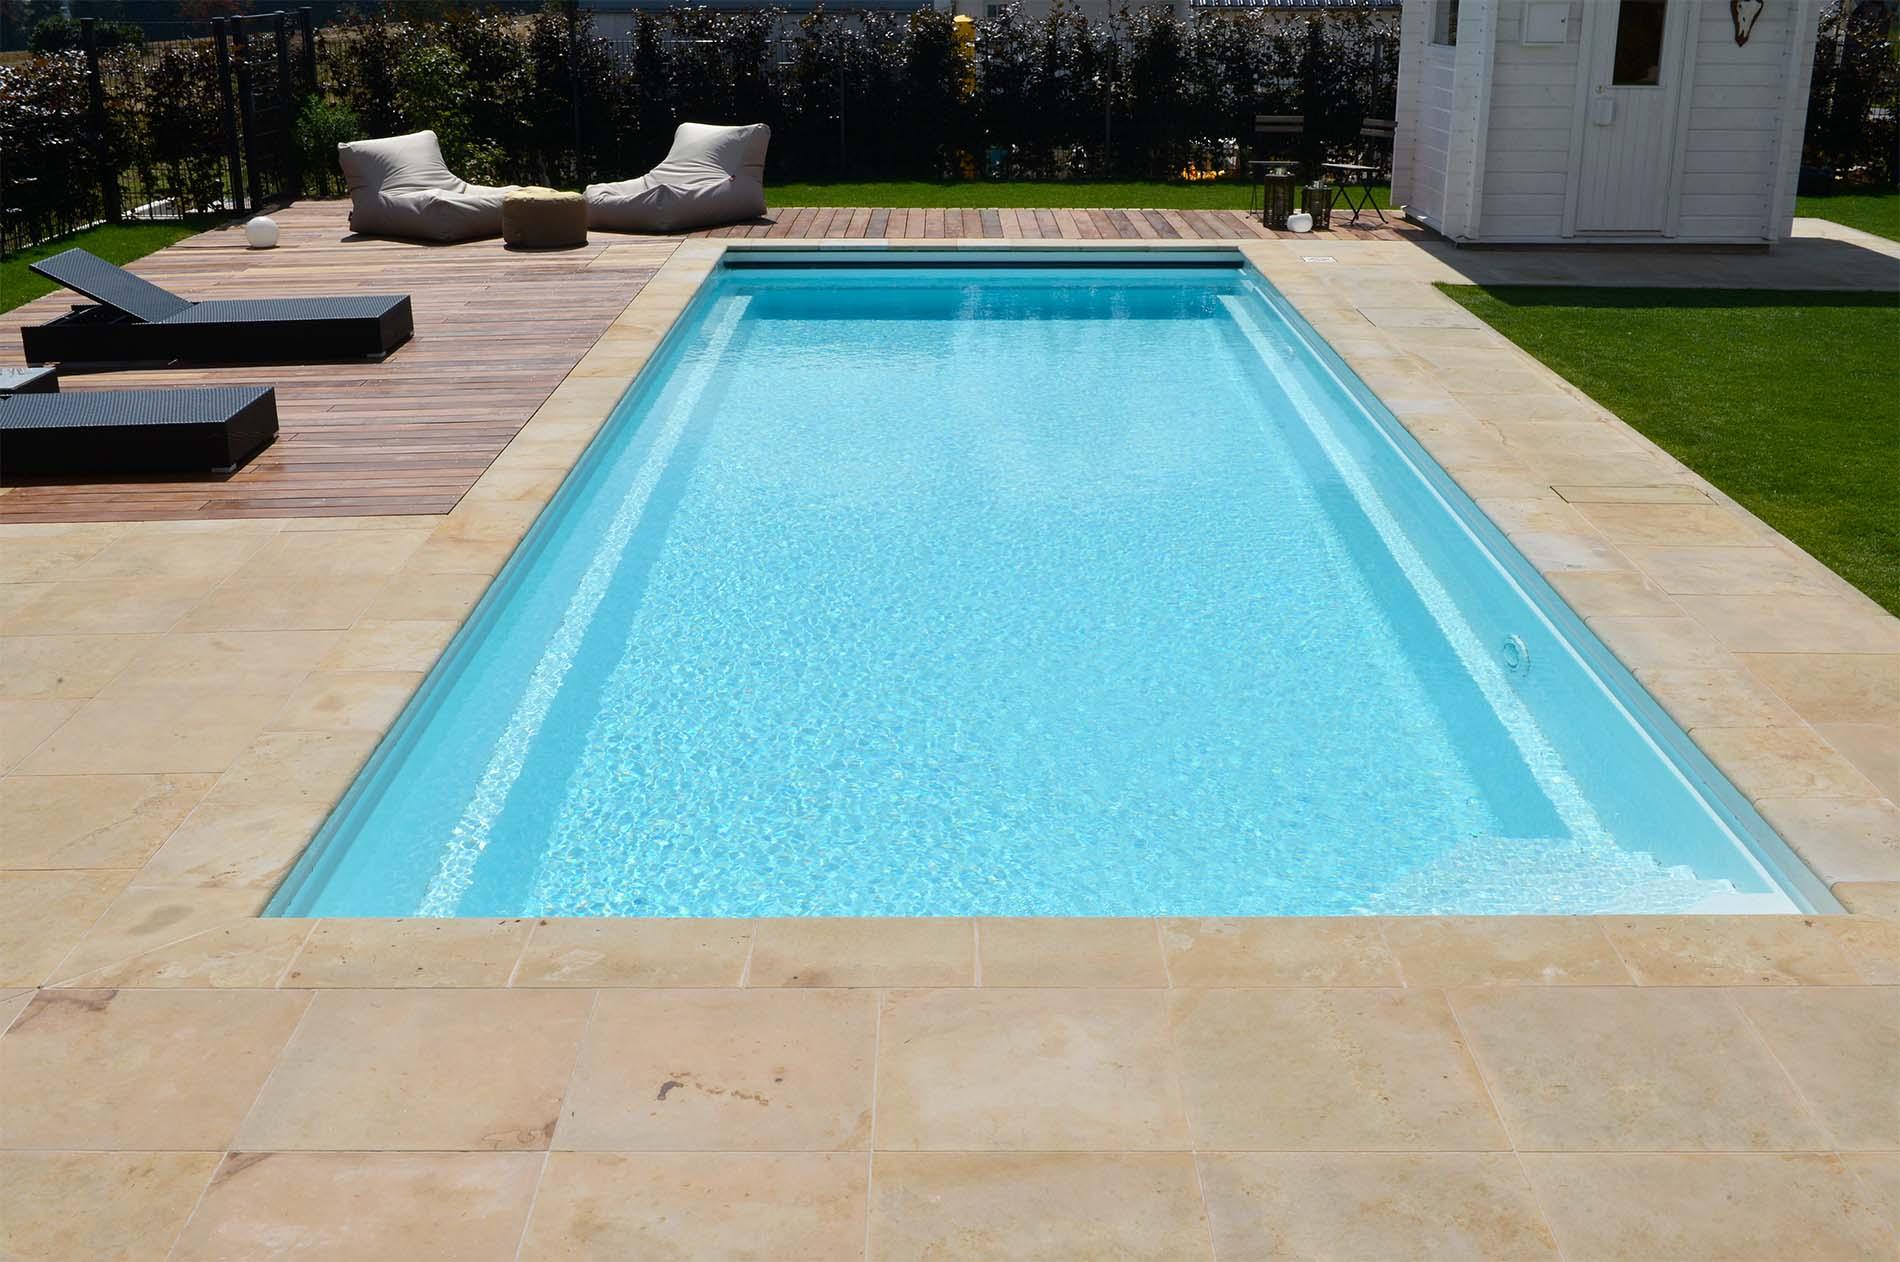 Poolumrandung und Bodenplatten aus Seeberger Sandstein von TRACO